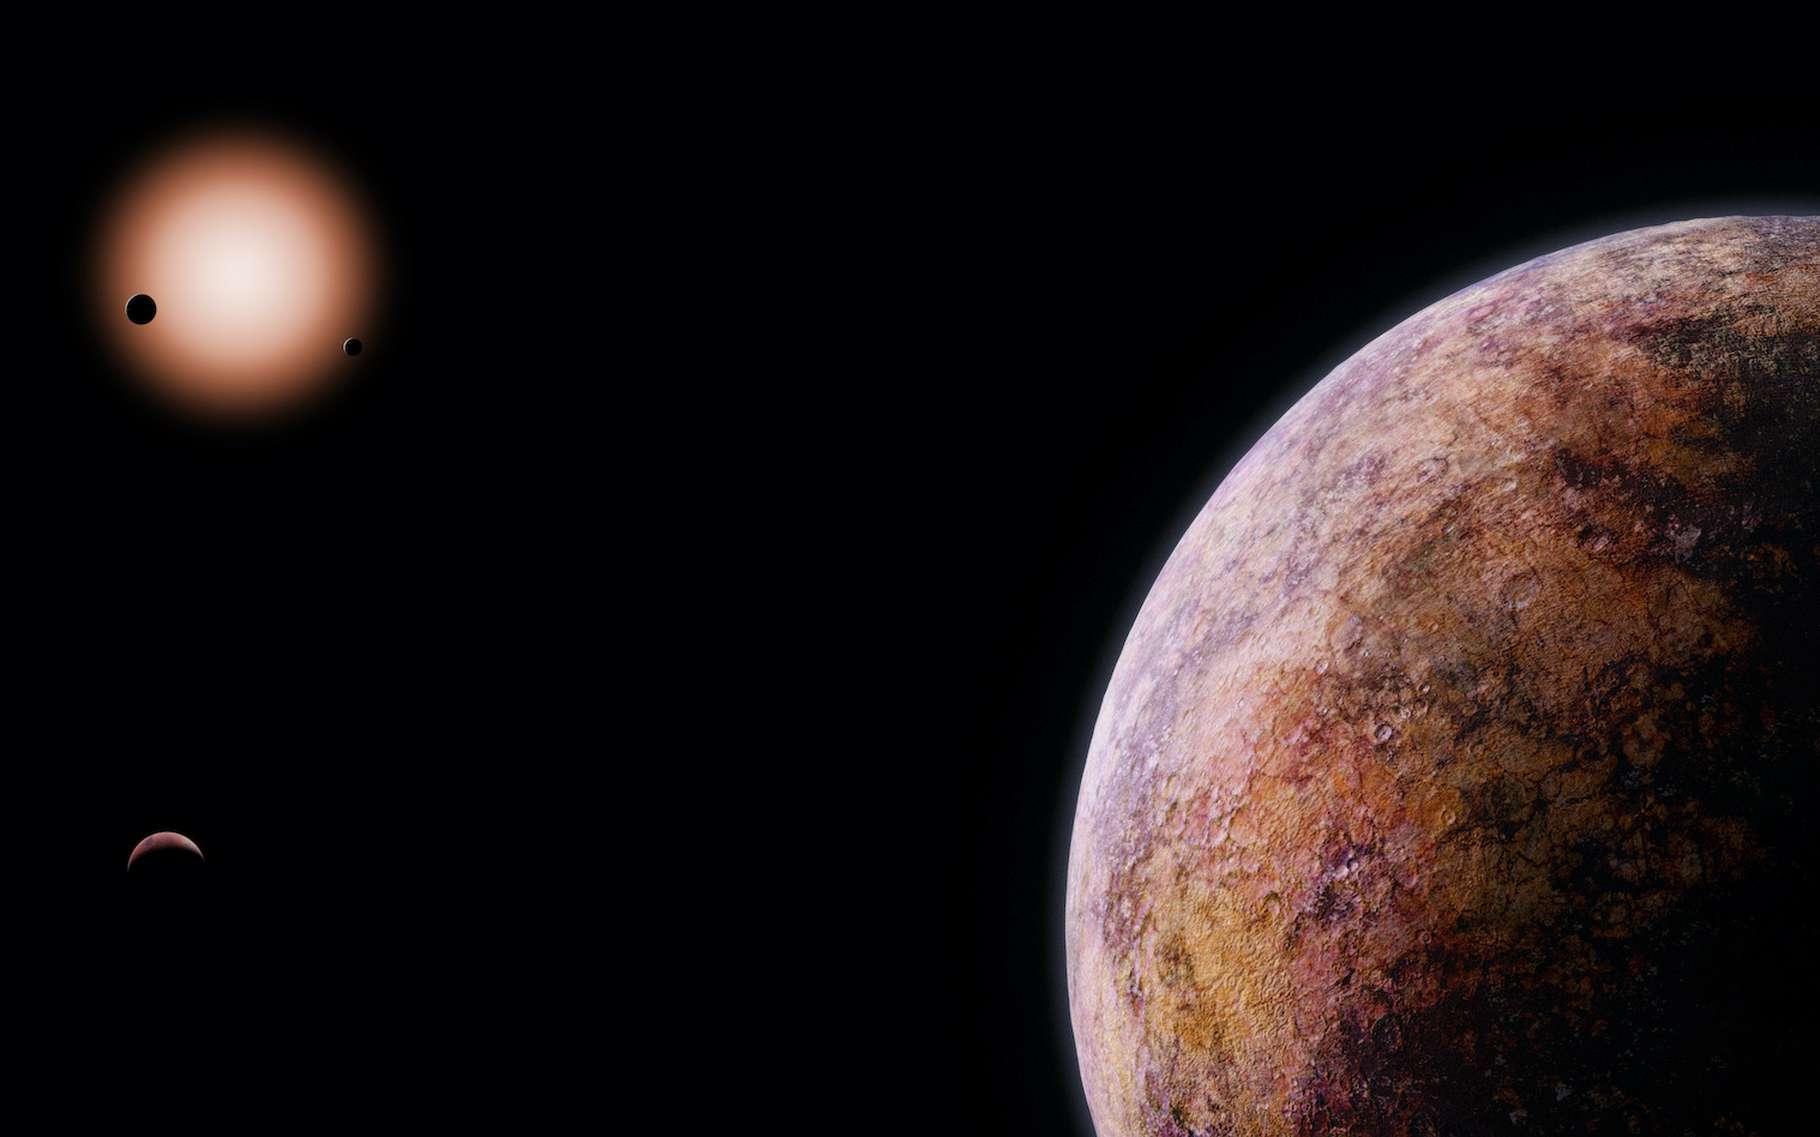 Des astronomes suisses nous présentent deux nouvelles exoplanètes orbitant autour d'une naine rouge située à 120 années-lumière de la Terre. © dottedyeti, Adobe Stock